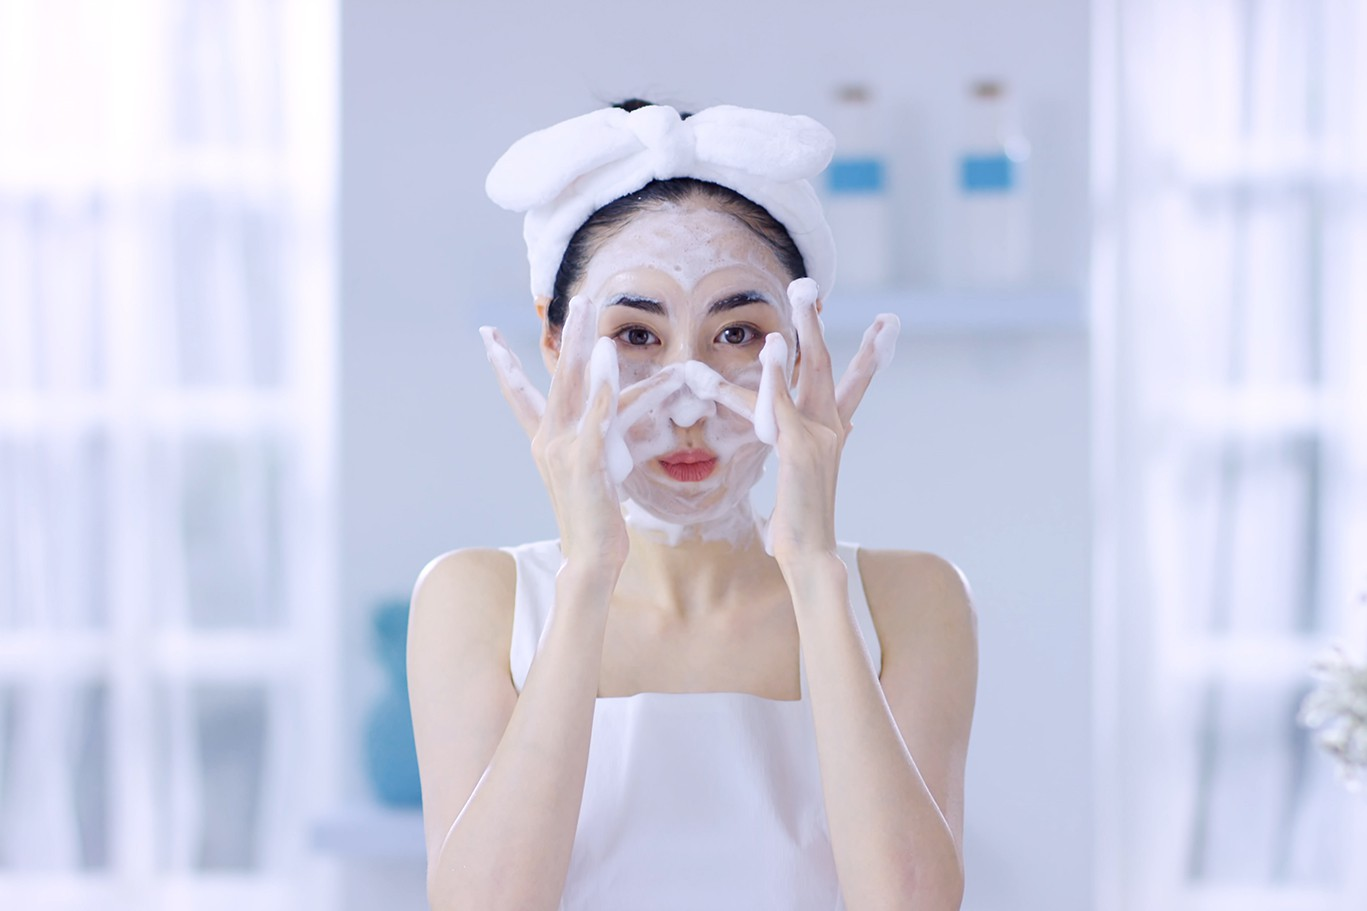 Nghe lời beauty blogger Mai Vân Trang làm ngay 3 thí nghiệm kiểm tra sản phẩm rửa mặt bạn đang dùng kẻo hối hận không kịp! - Ảnh 1.